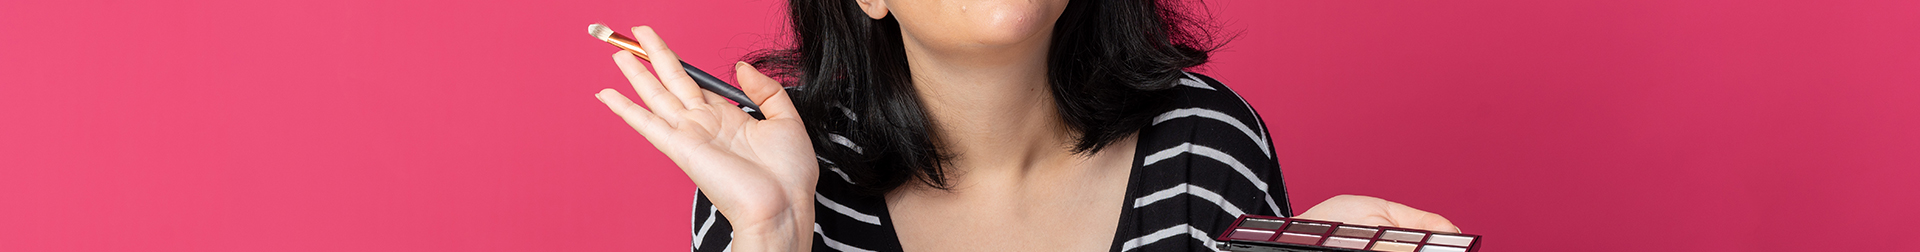 Makeup Palettes Products   Buy Face Makeup Palettes Online   AromaCraze